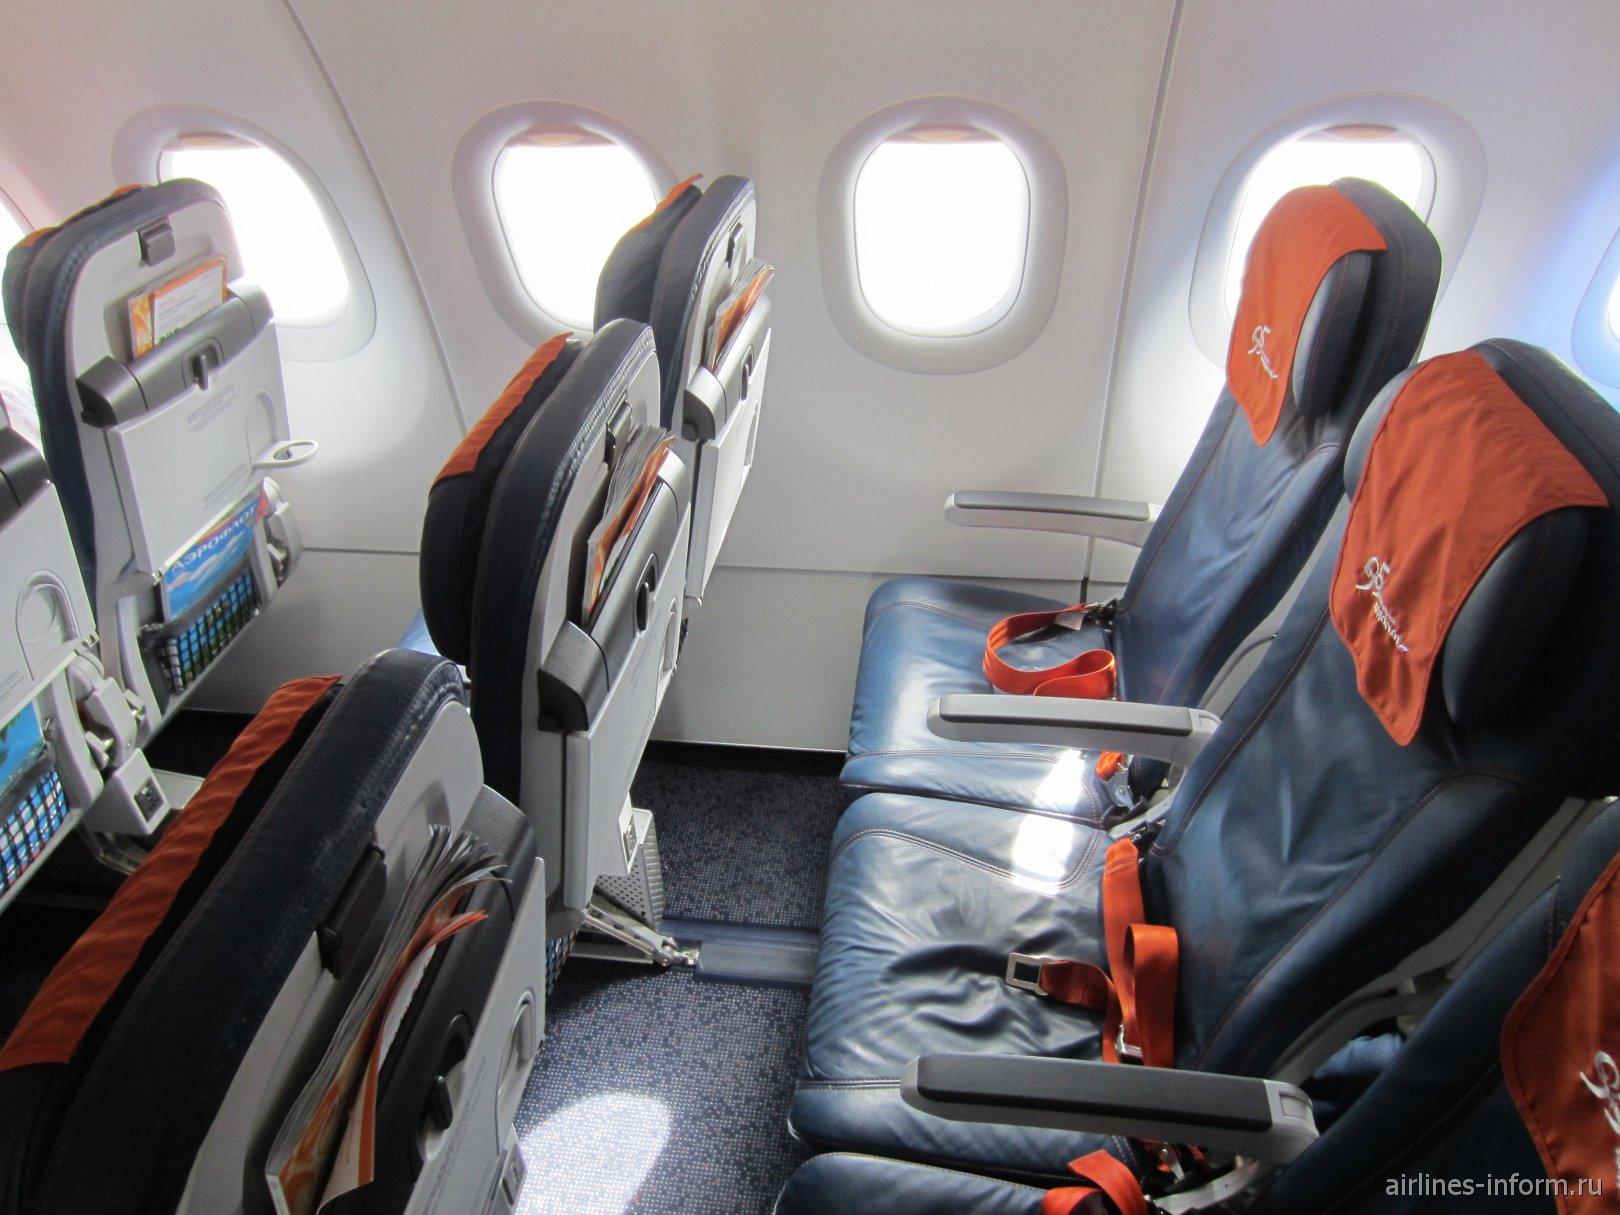 Пассажирские кресла эконом-класса в самолете Airbus A320 Аэрофлота